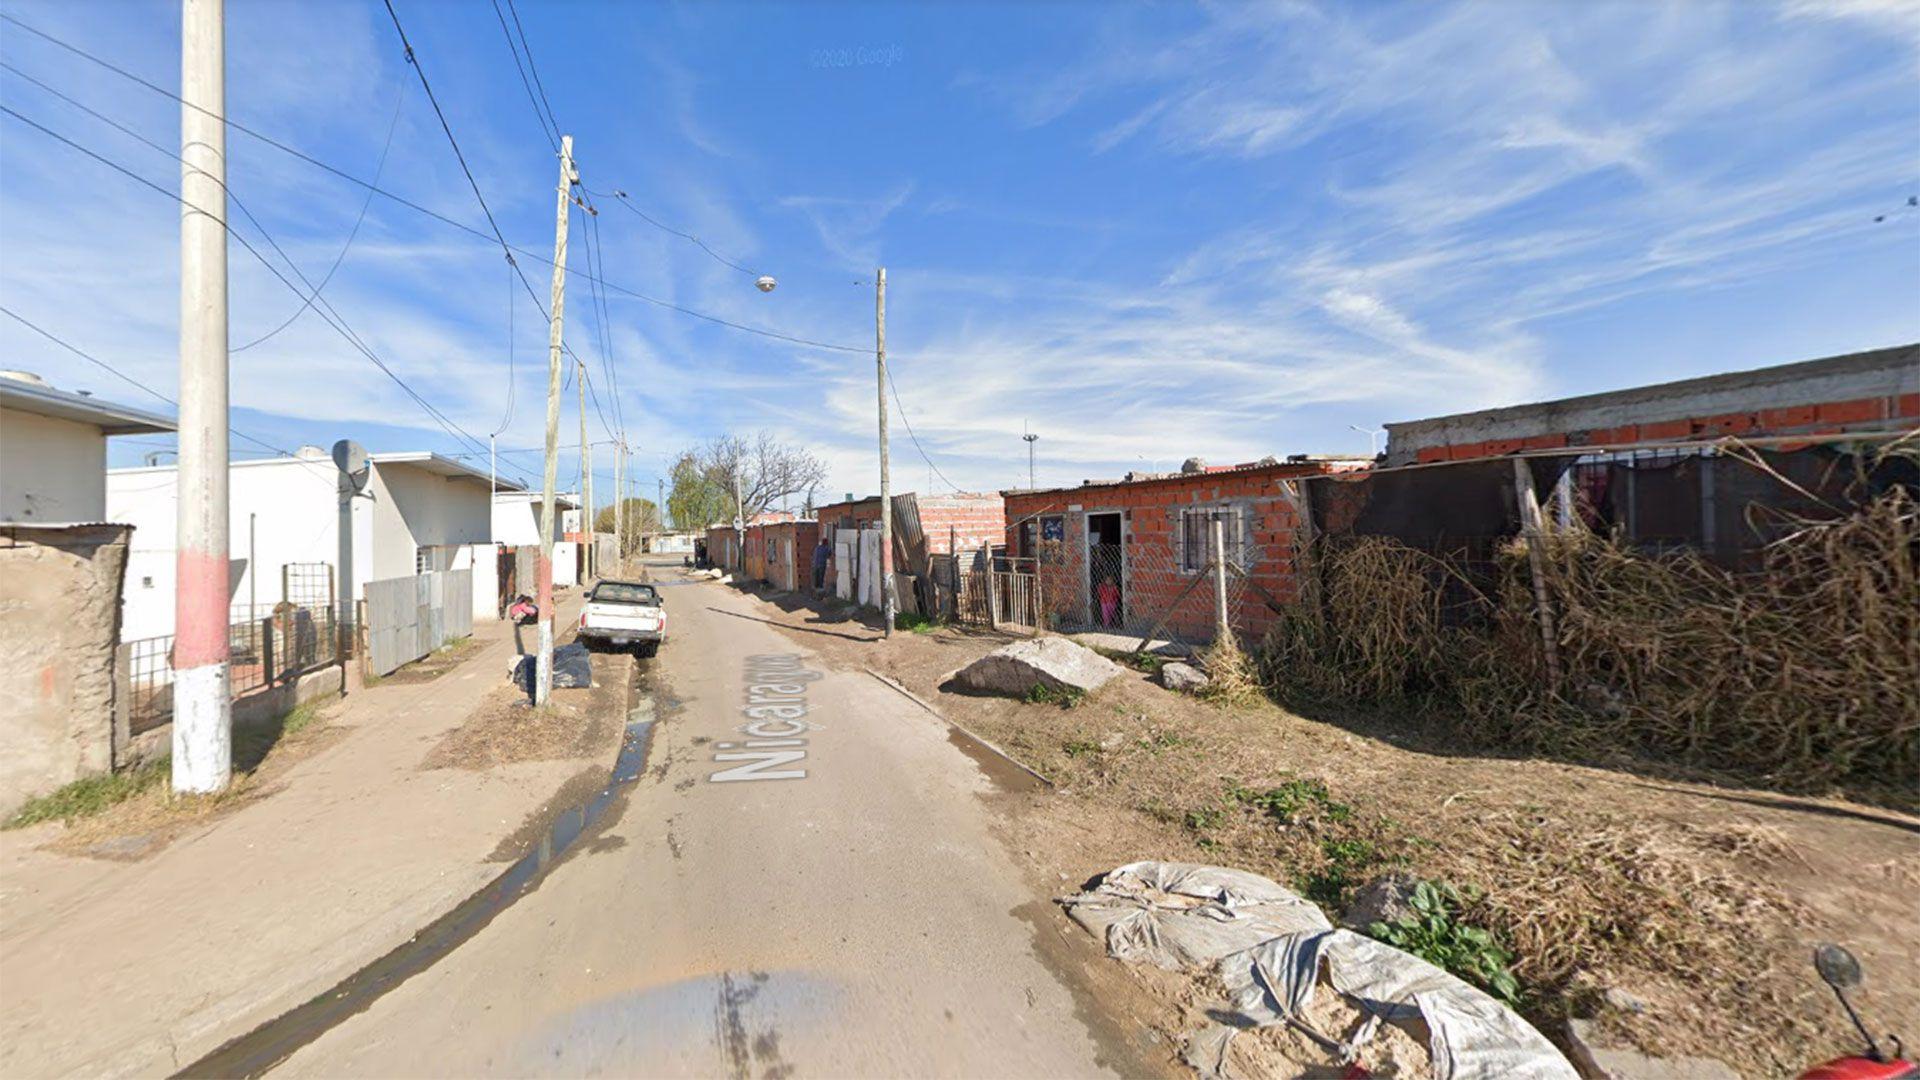 La esquina donde fue detenido el hombre con la droga dentro de su barbijo (Google Street View)